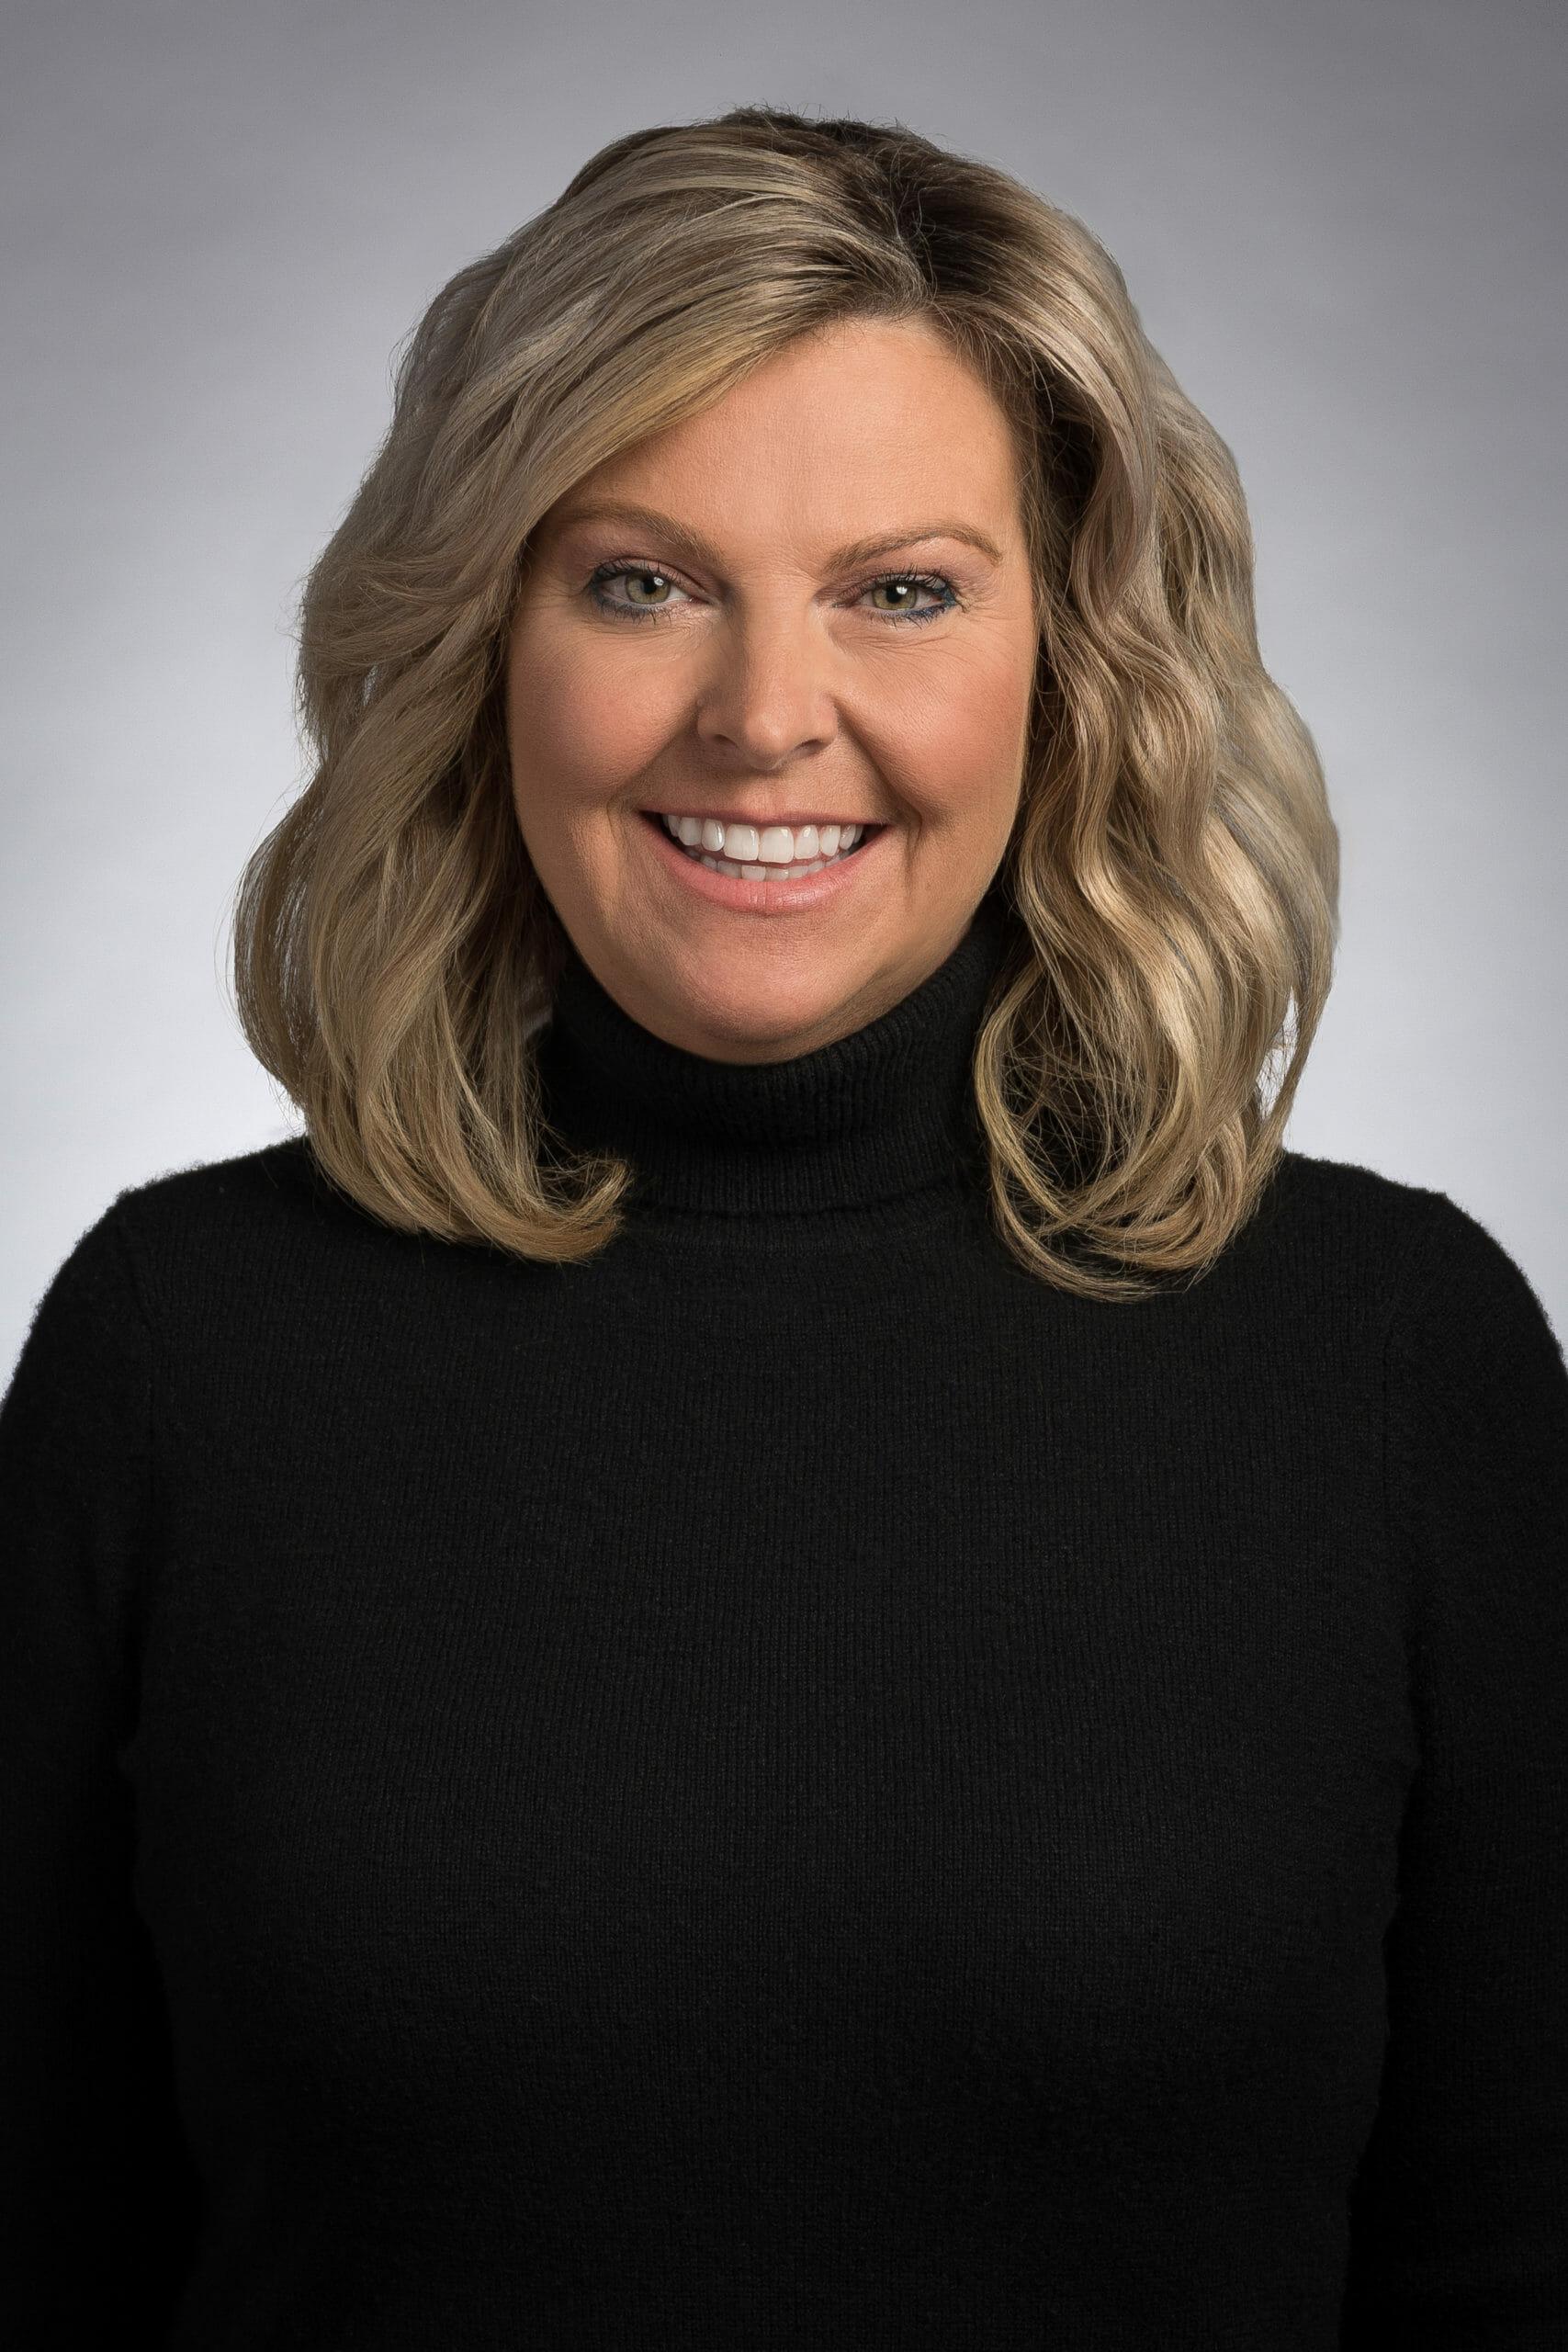 Headshot of Kelly McGivern